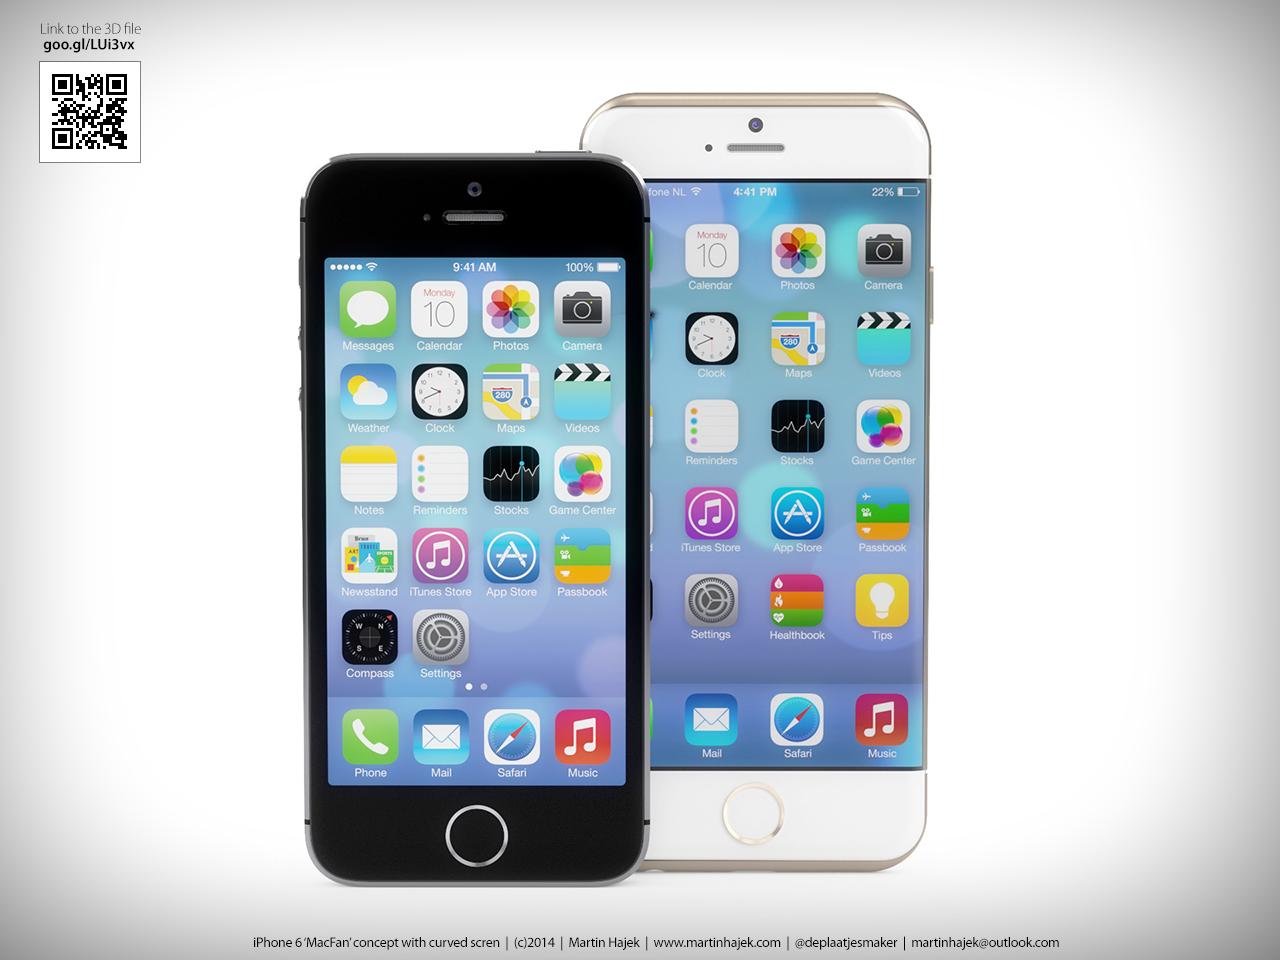 conceito-de-iphone-6-com-tela-curva-9